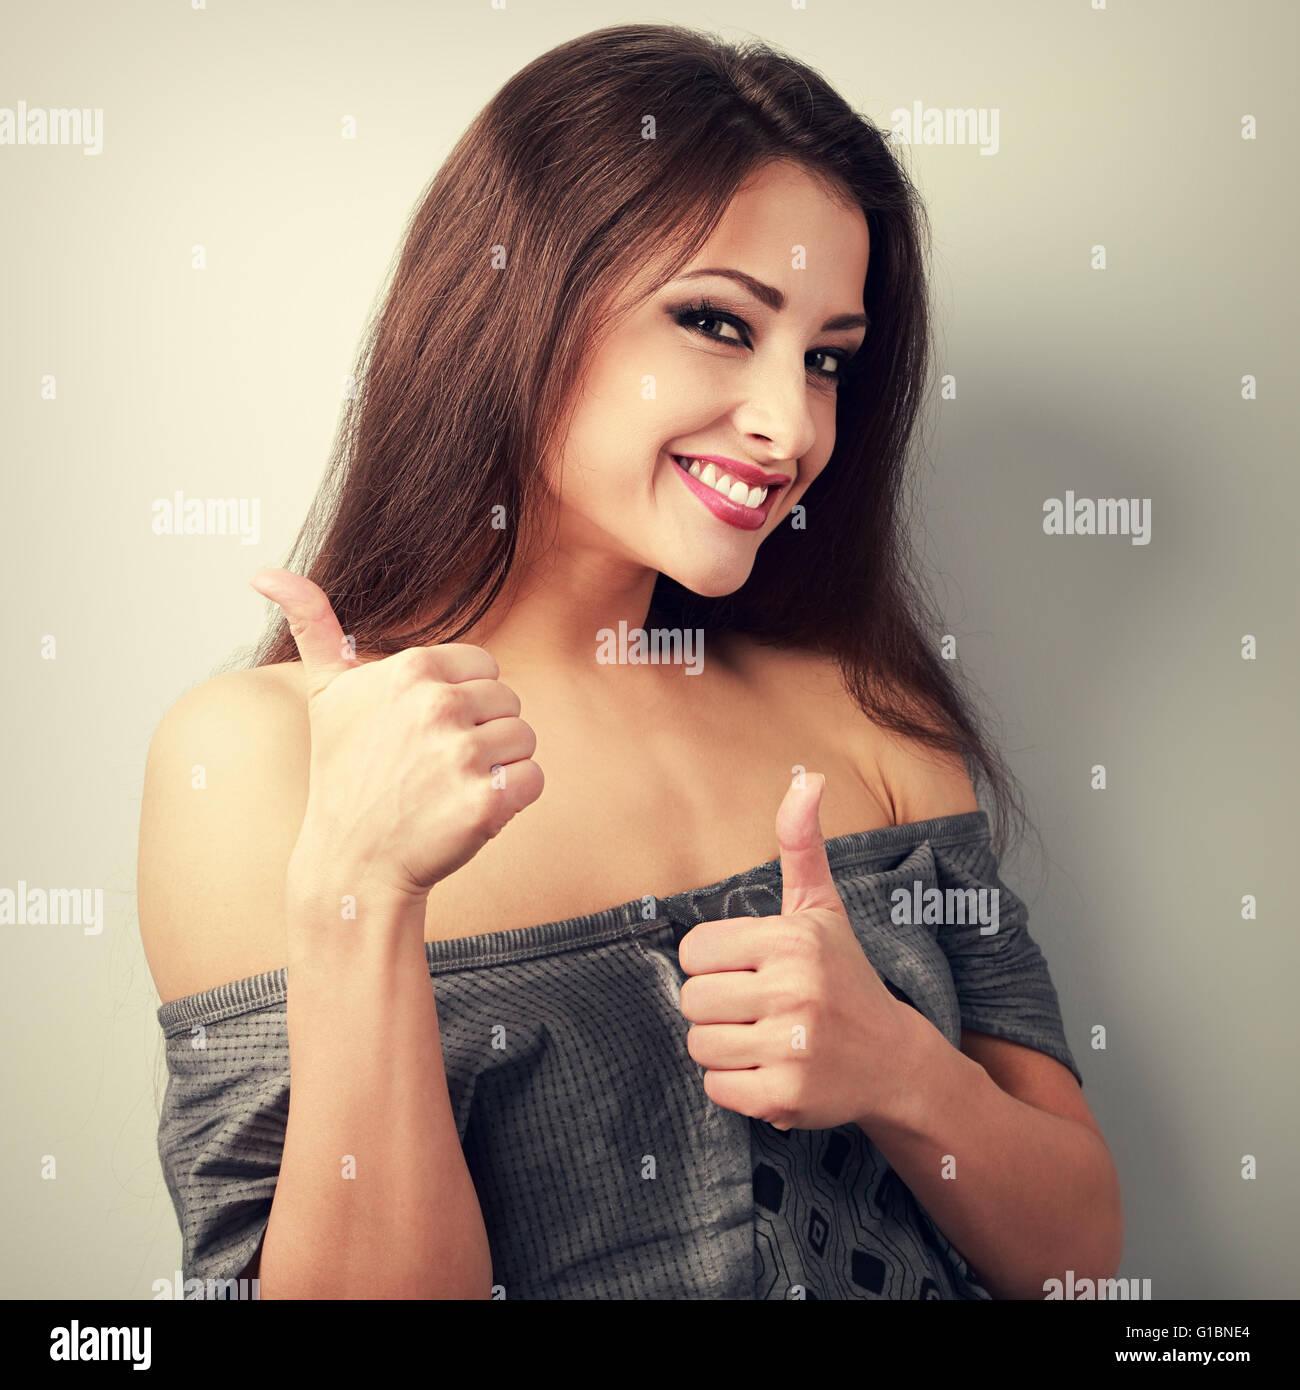 Feliz optimista mujer morena mostrando pulgar arriba firmar. Vintage tonos closeup retrato Imagen De Stock